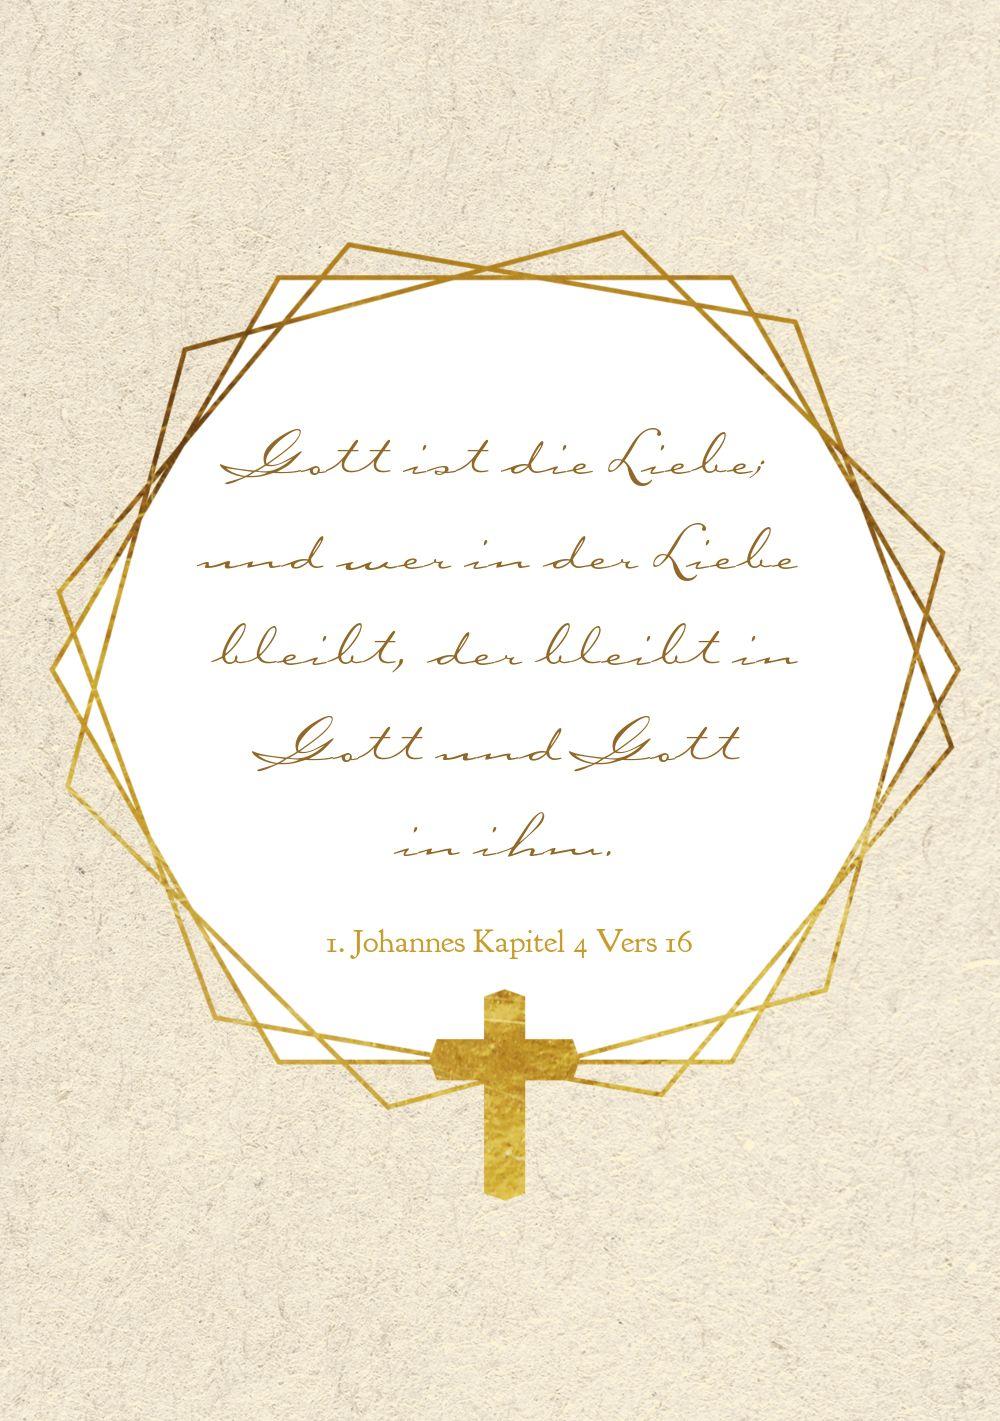 Ansicht 4 - Kommunion Einladung Goldrausch